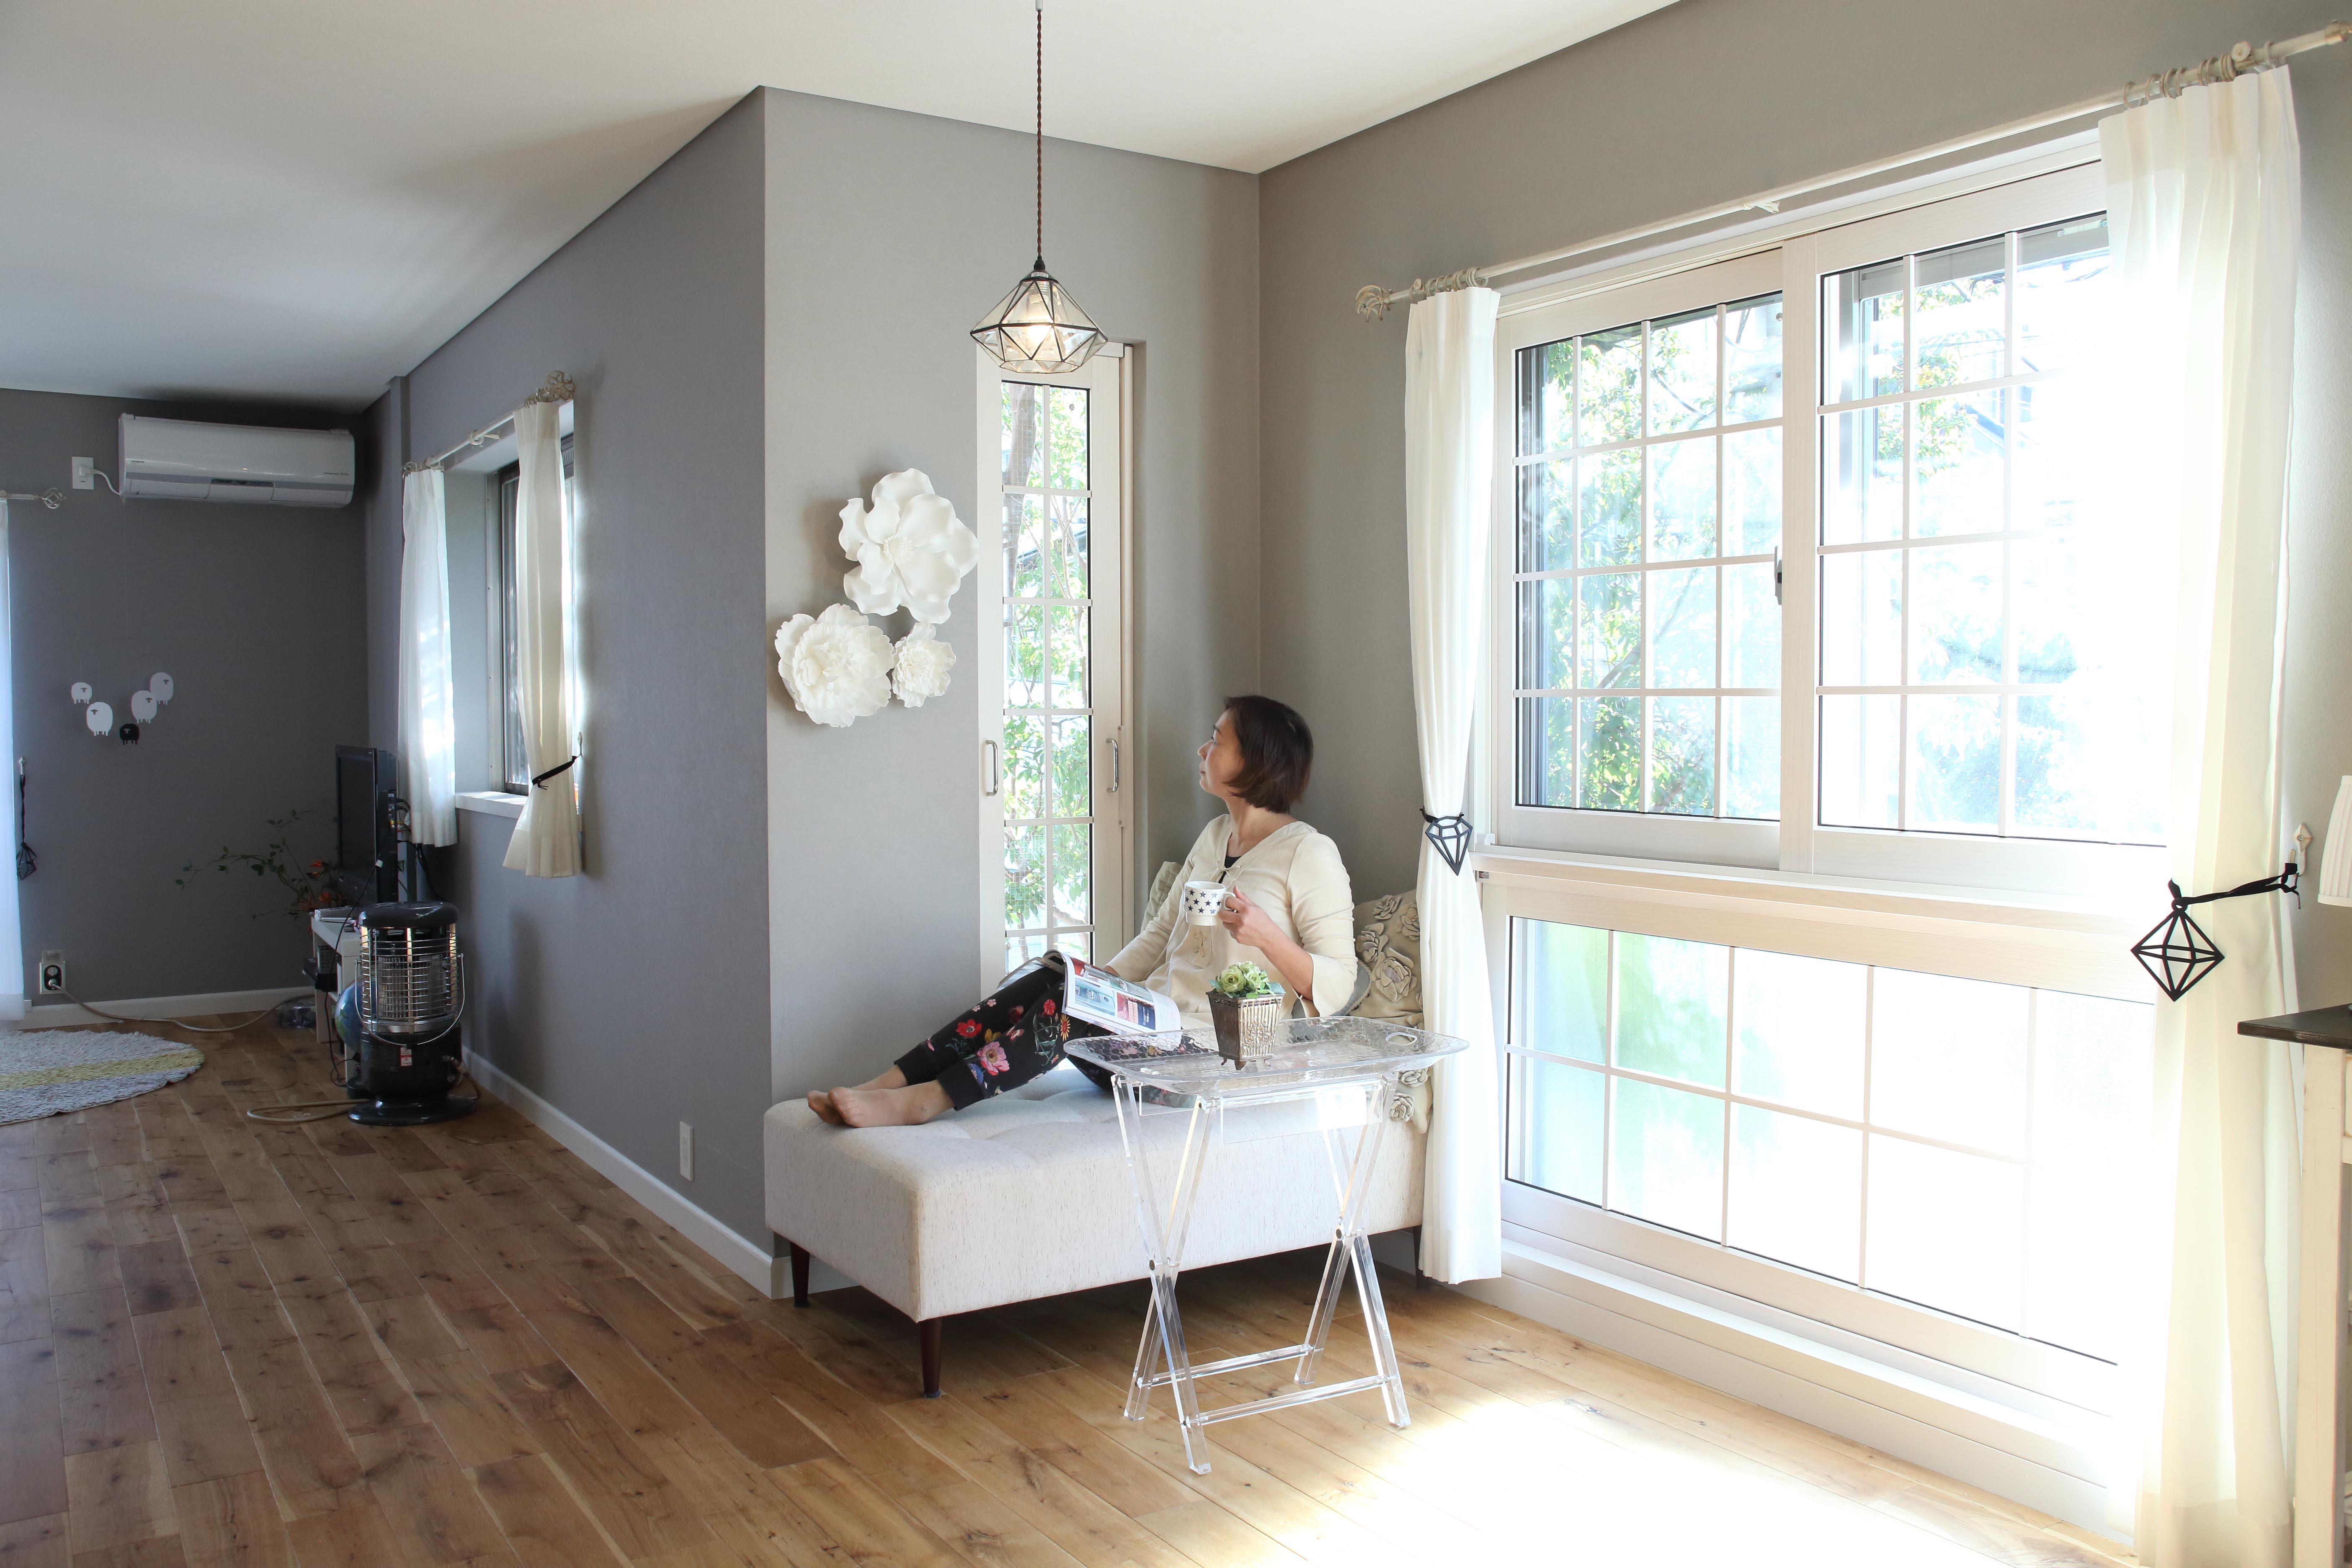 デザイン性と機能性を併せ持つ内窓のプチリノベーション